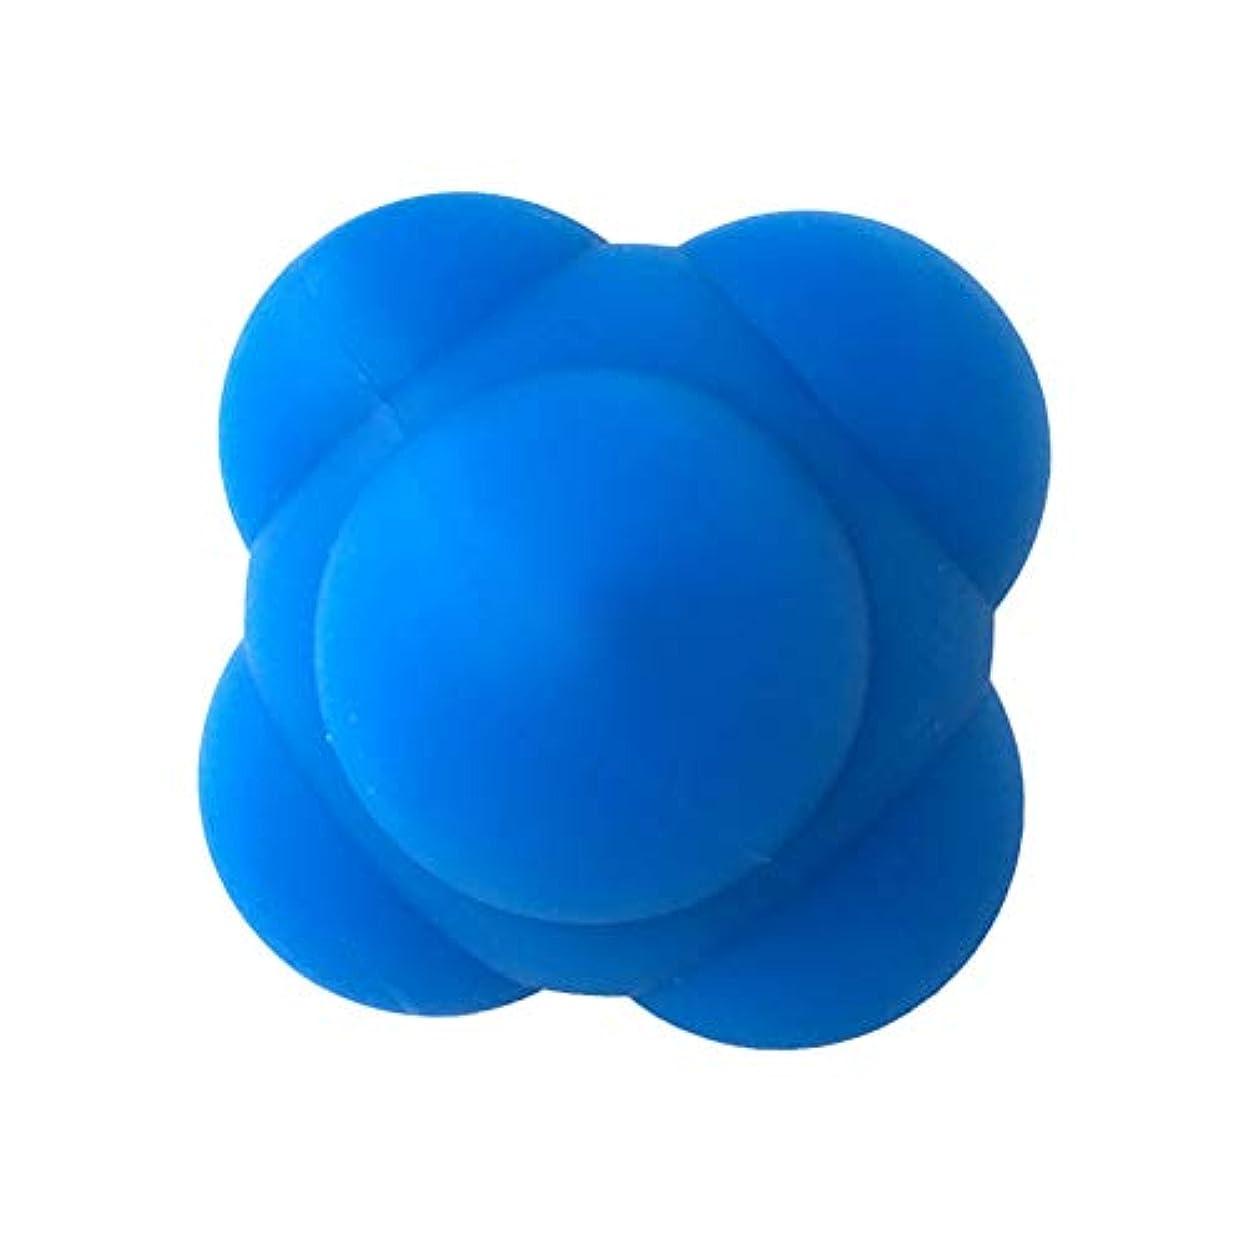 稼ぐ子無線SUPVOX 野球 練習用品 トレーニングボール ヘキサゴンボール リアクションボール スポーツボール6cm(青)